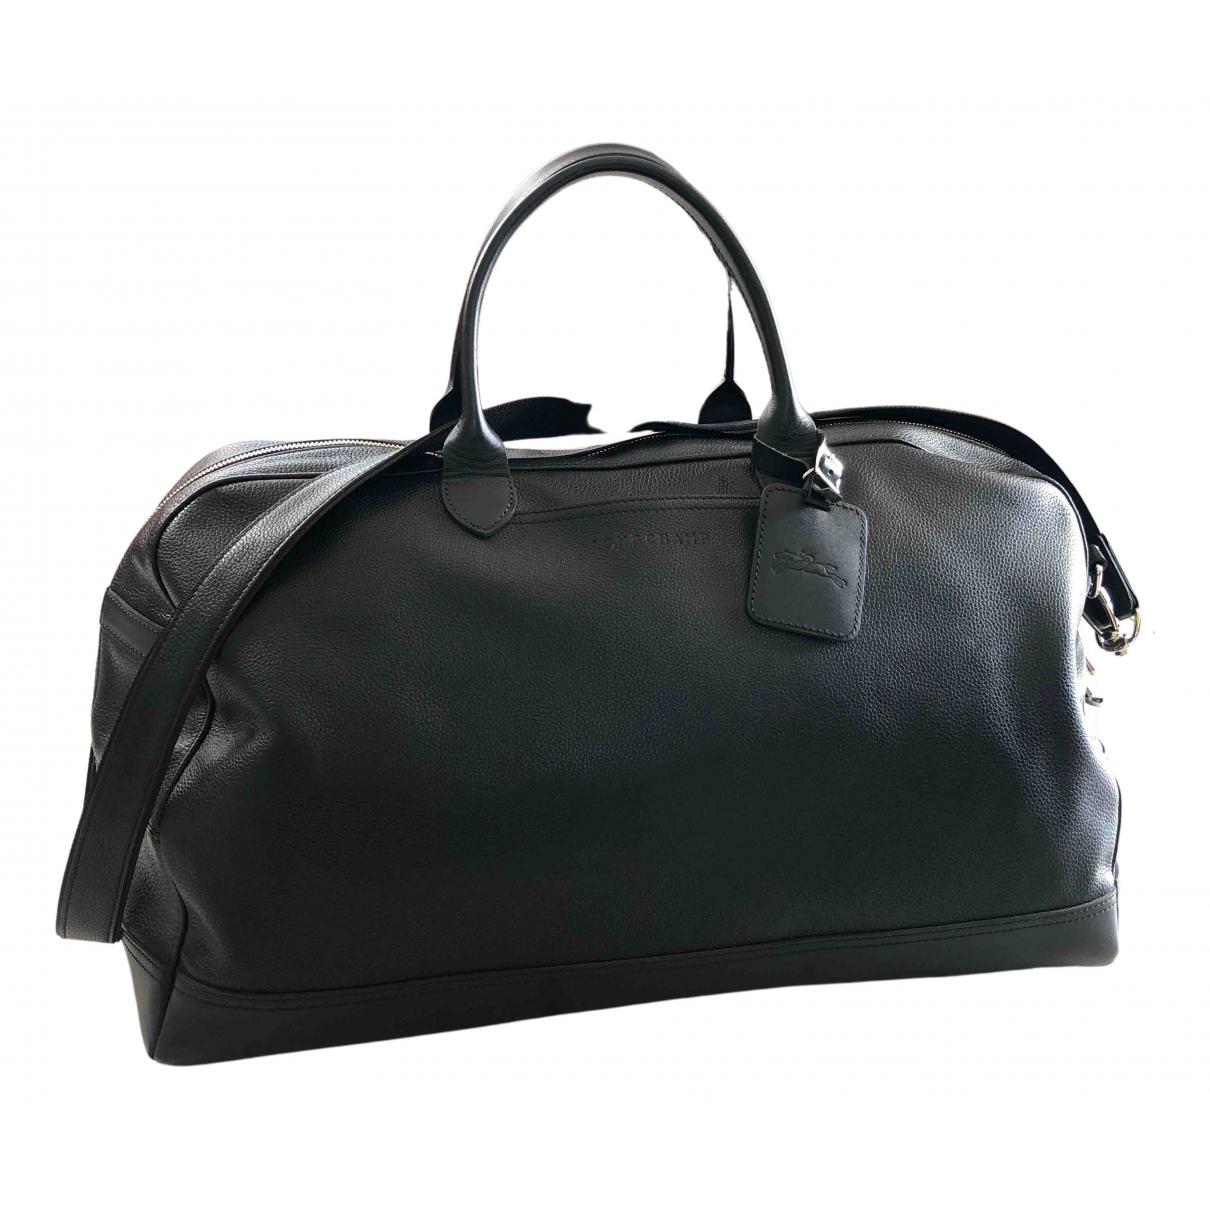 Longchamp - Sac de voyage   pour femme en cuir - noir